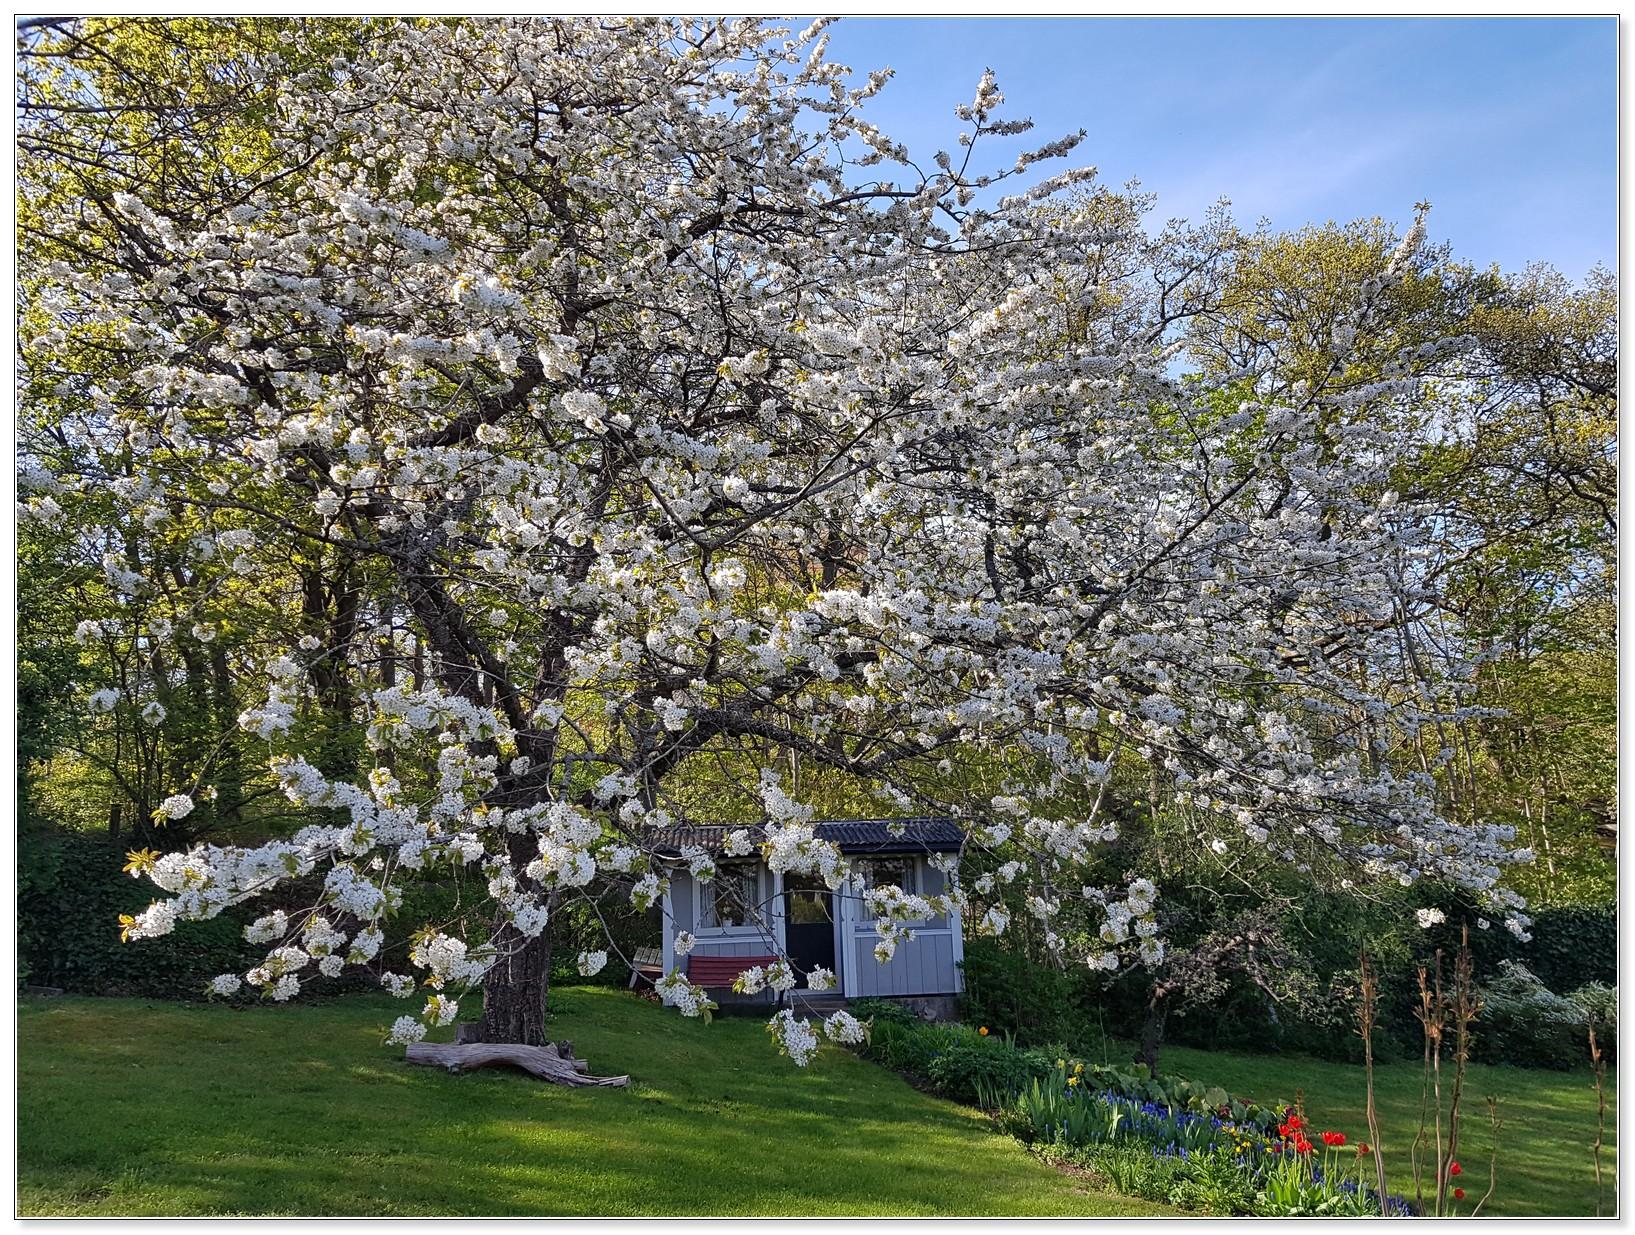 Vinnarbild 2018 -  Blommande körsbärsträd - Kerstin Jonsson